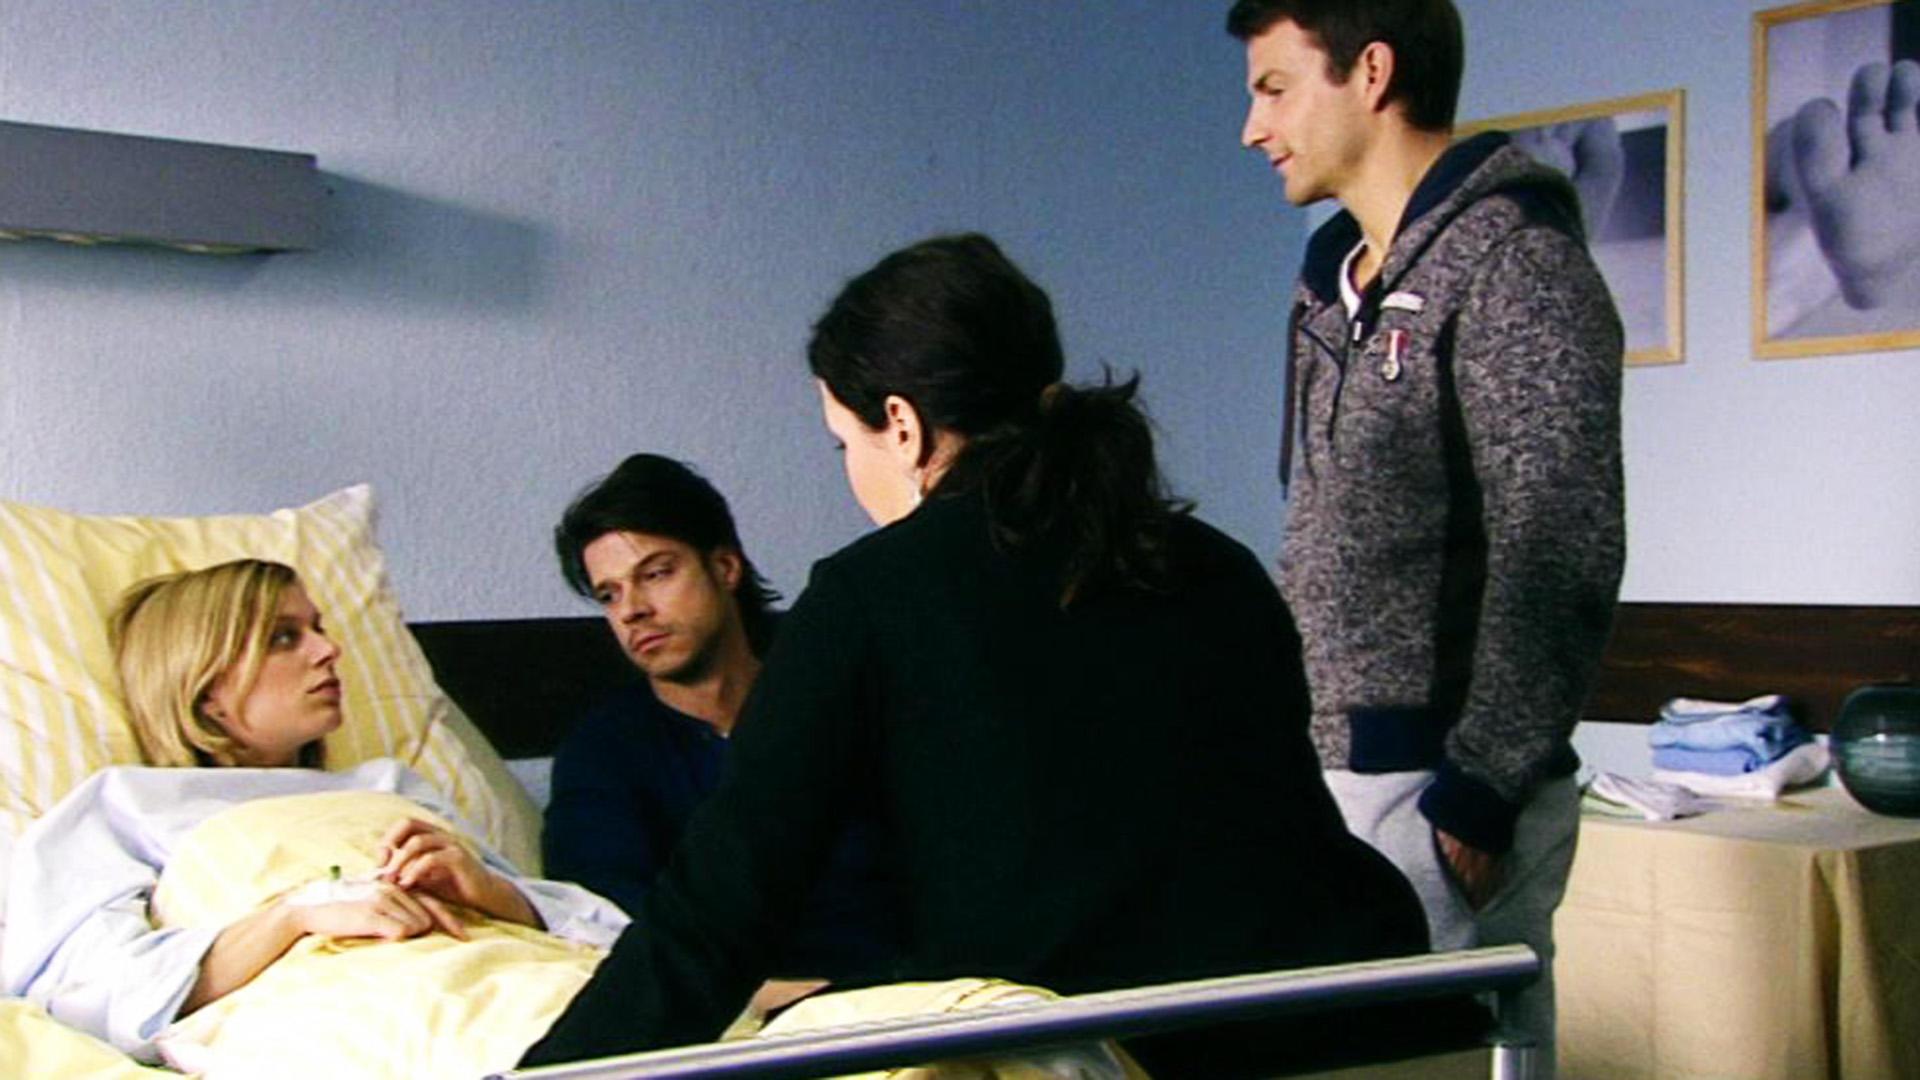 Lena möchte ihr Baby vor Maximilians Zugriff schützen.